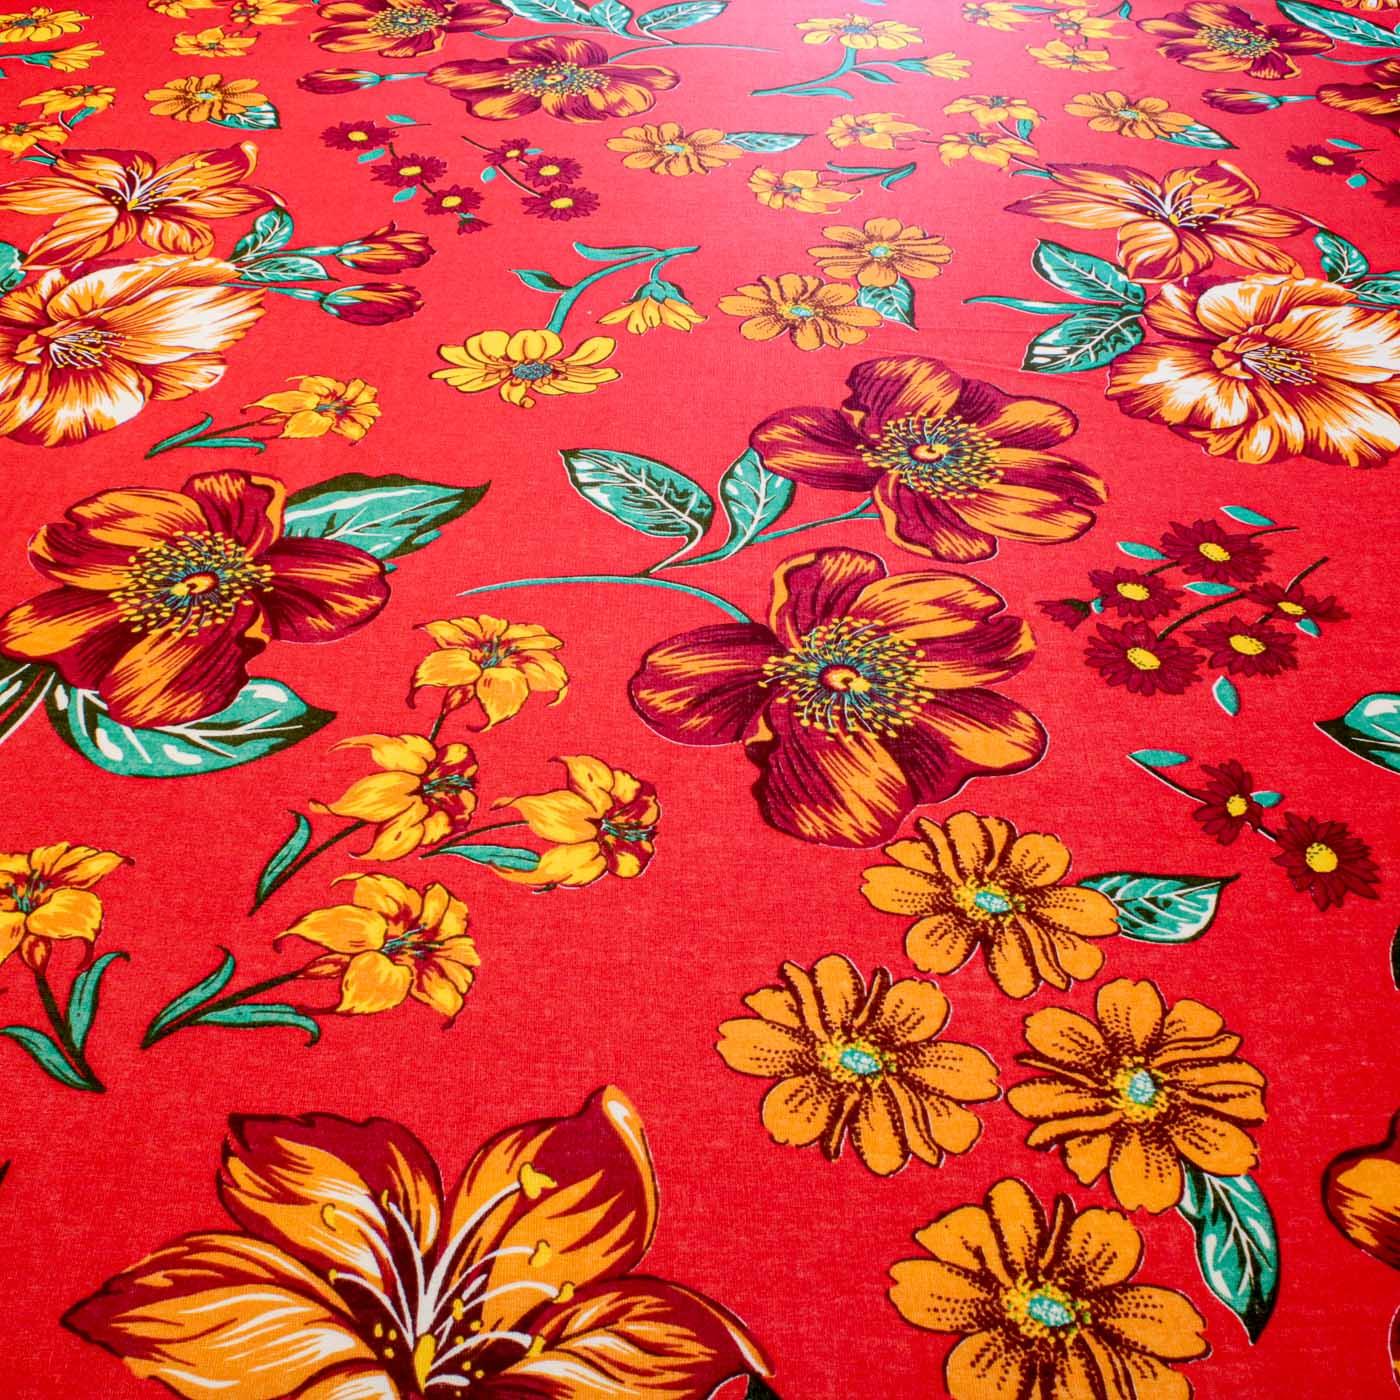 Tecido Chitão Estampado Flores Laranja 100% Algodão Fundo Vermelho